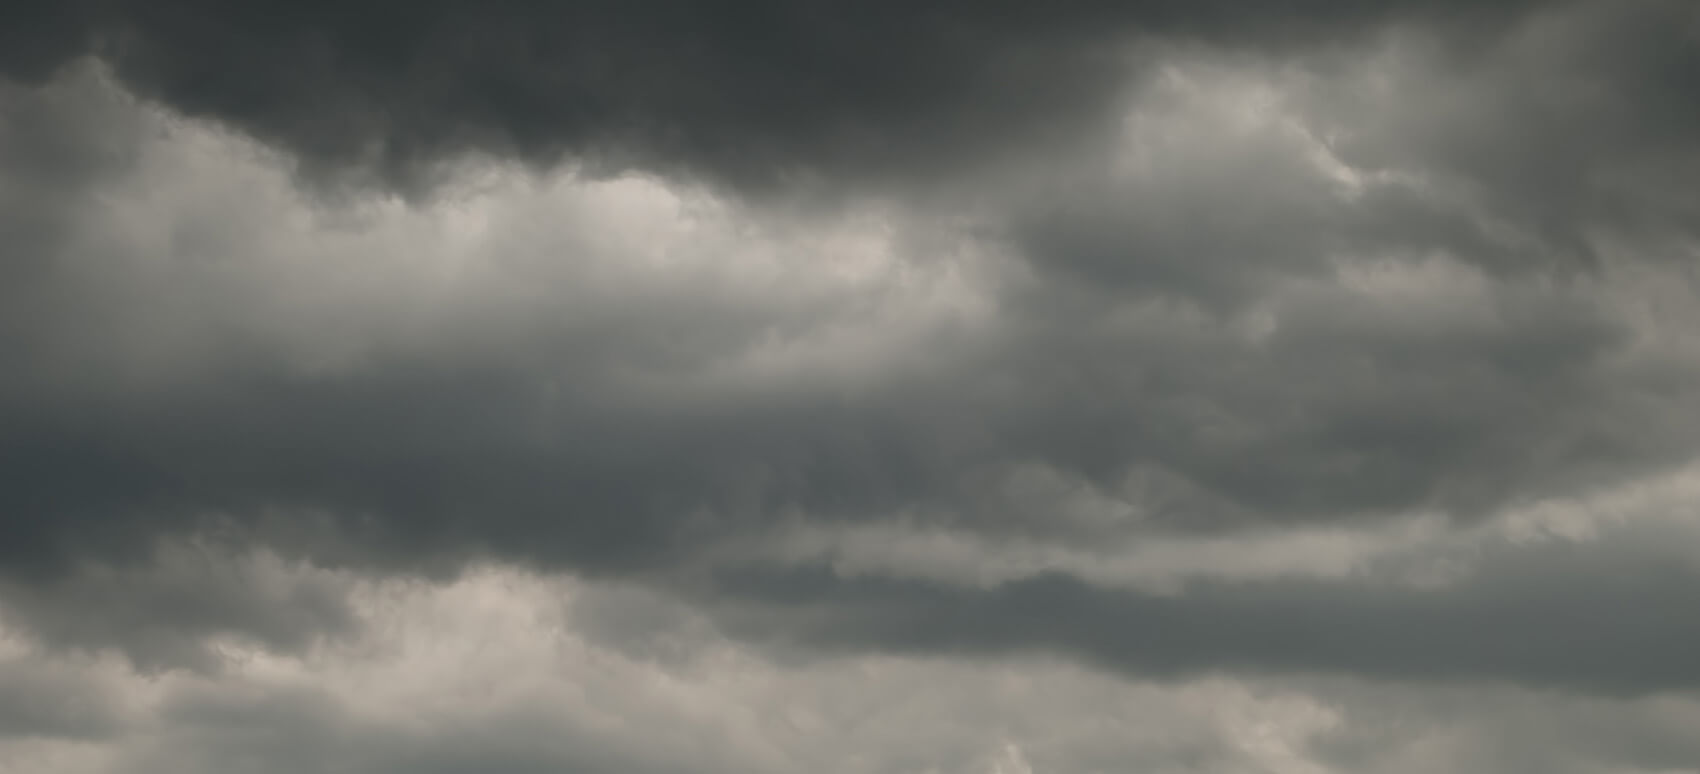 Sikre dine forsendelser mod vand og fugt i monsunsæsonen